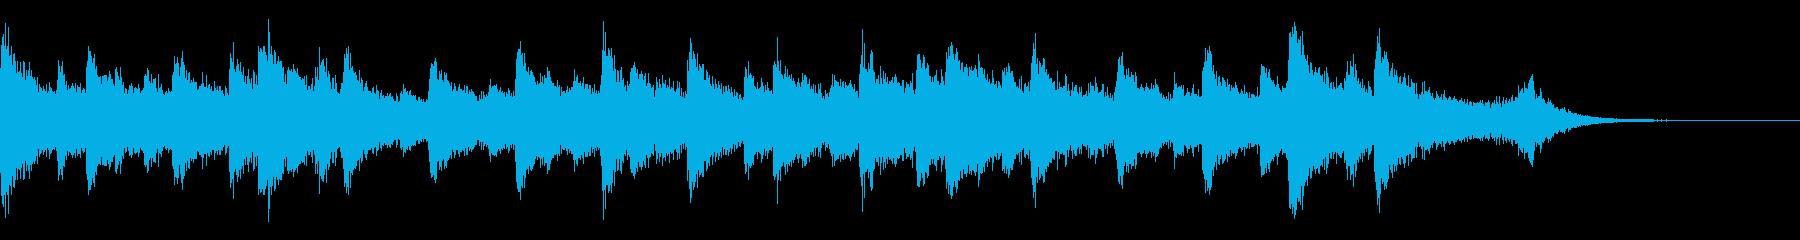 15秒CM ウエディング そよ風ピアノの再生済みの波形